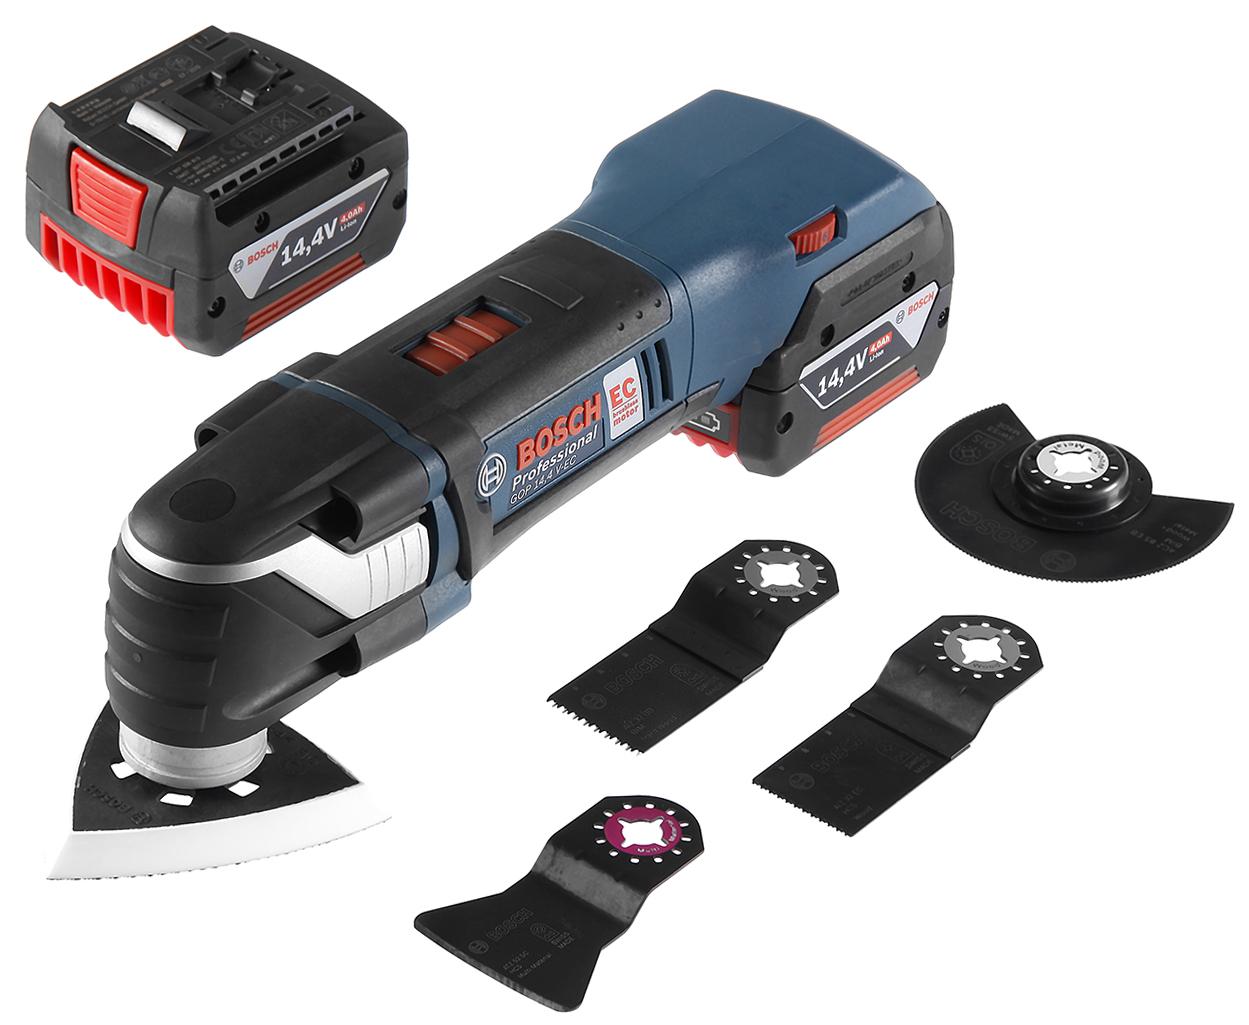 Аккумуляторный реноватор Bosch Gop 14,4 v-ec l-boxx (0.601.8b0.101) от 220 Вольт